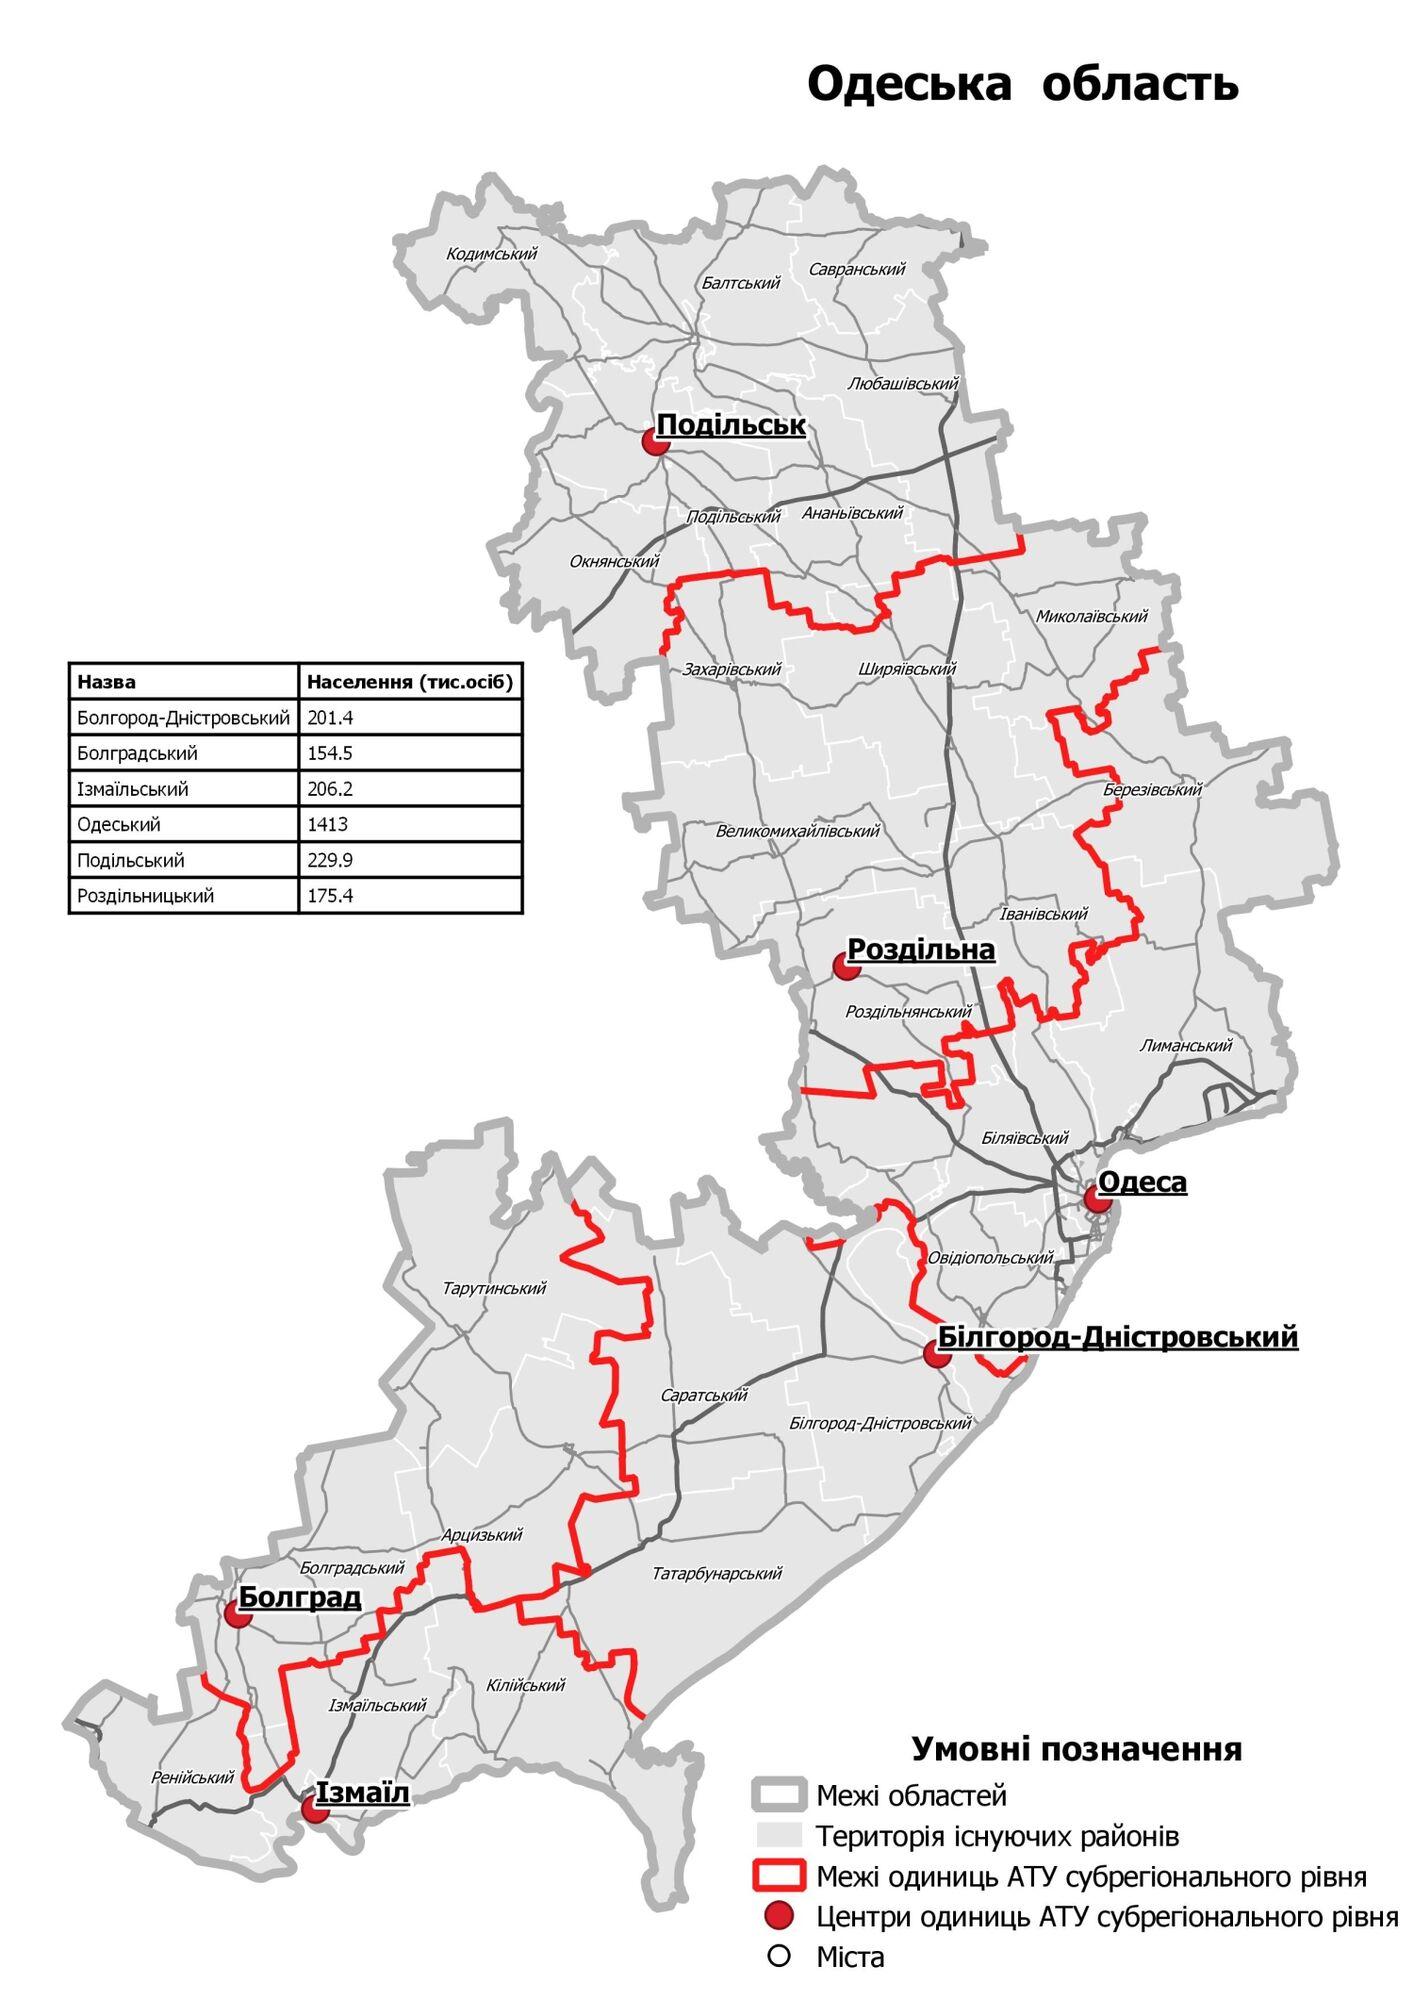 Кабмин одобрил создание новых районов в Украине: как и когда изменится карта